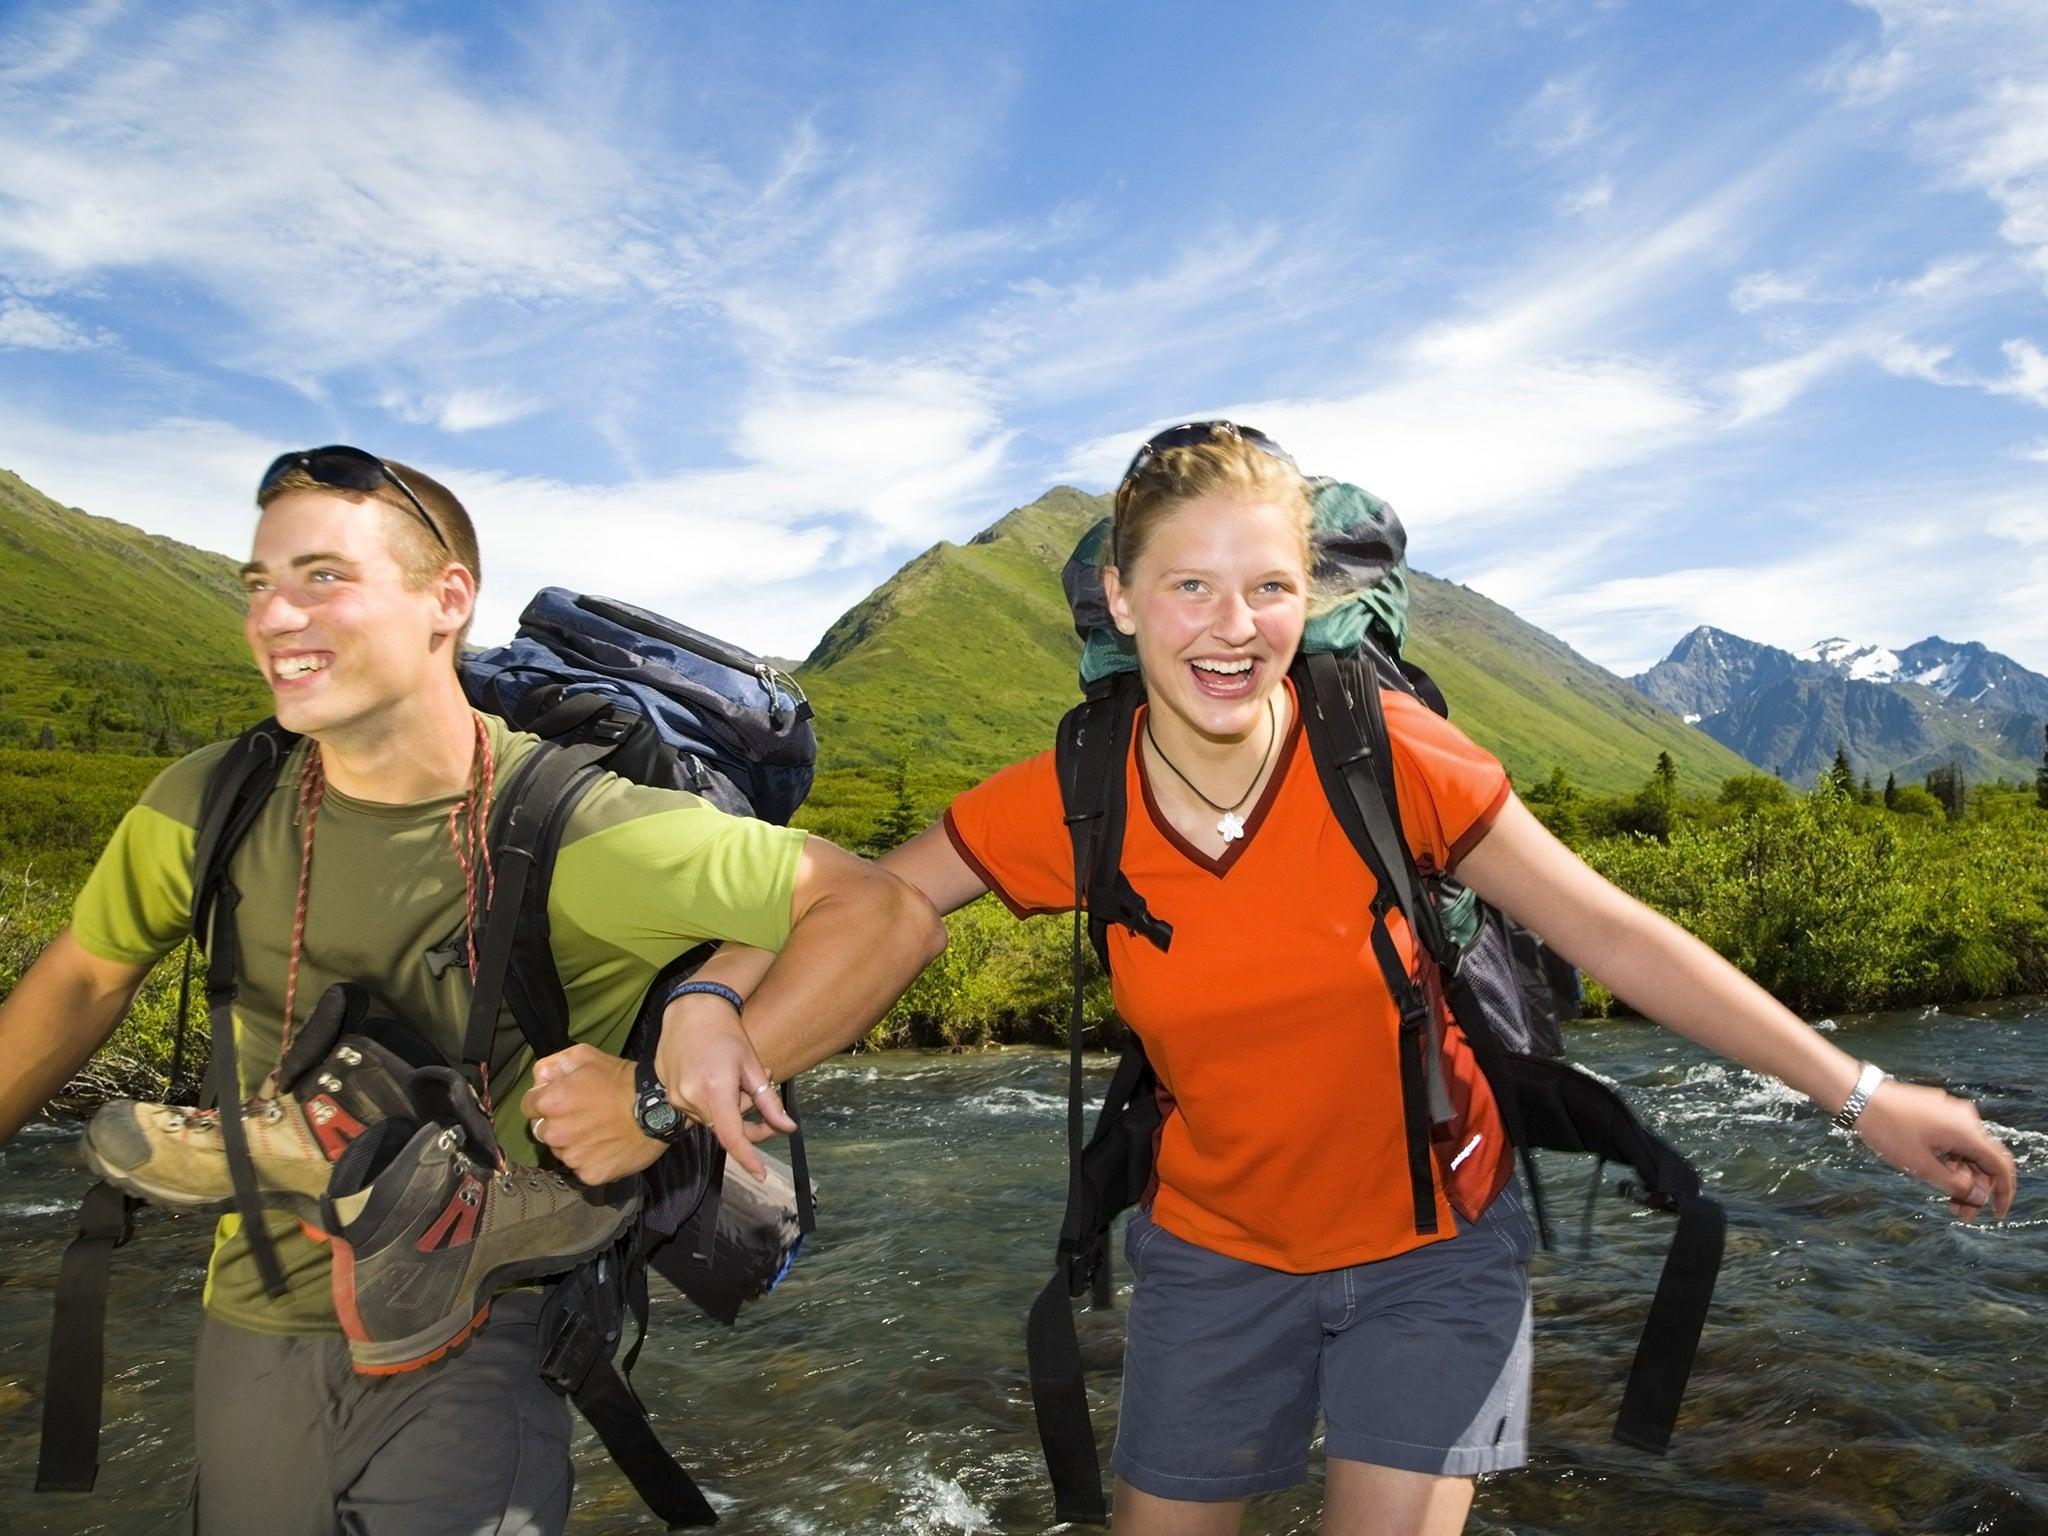 extras indybest outdoor activity best resorts europe